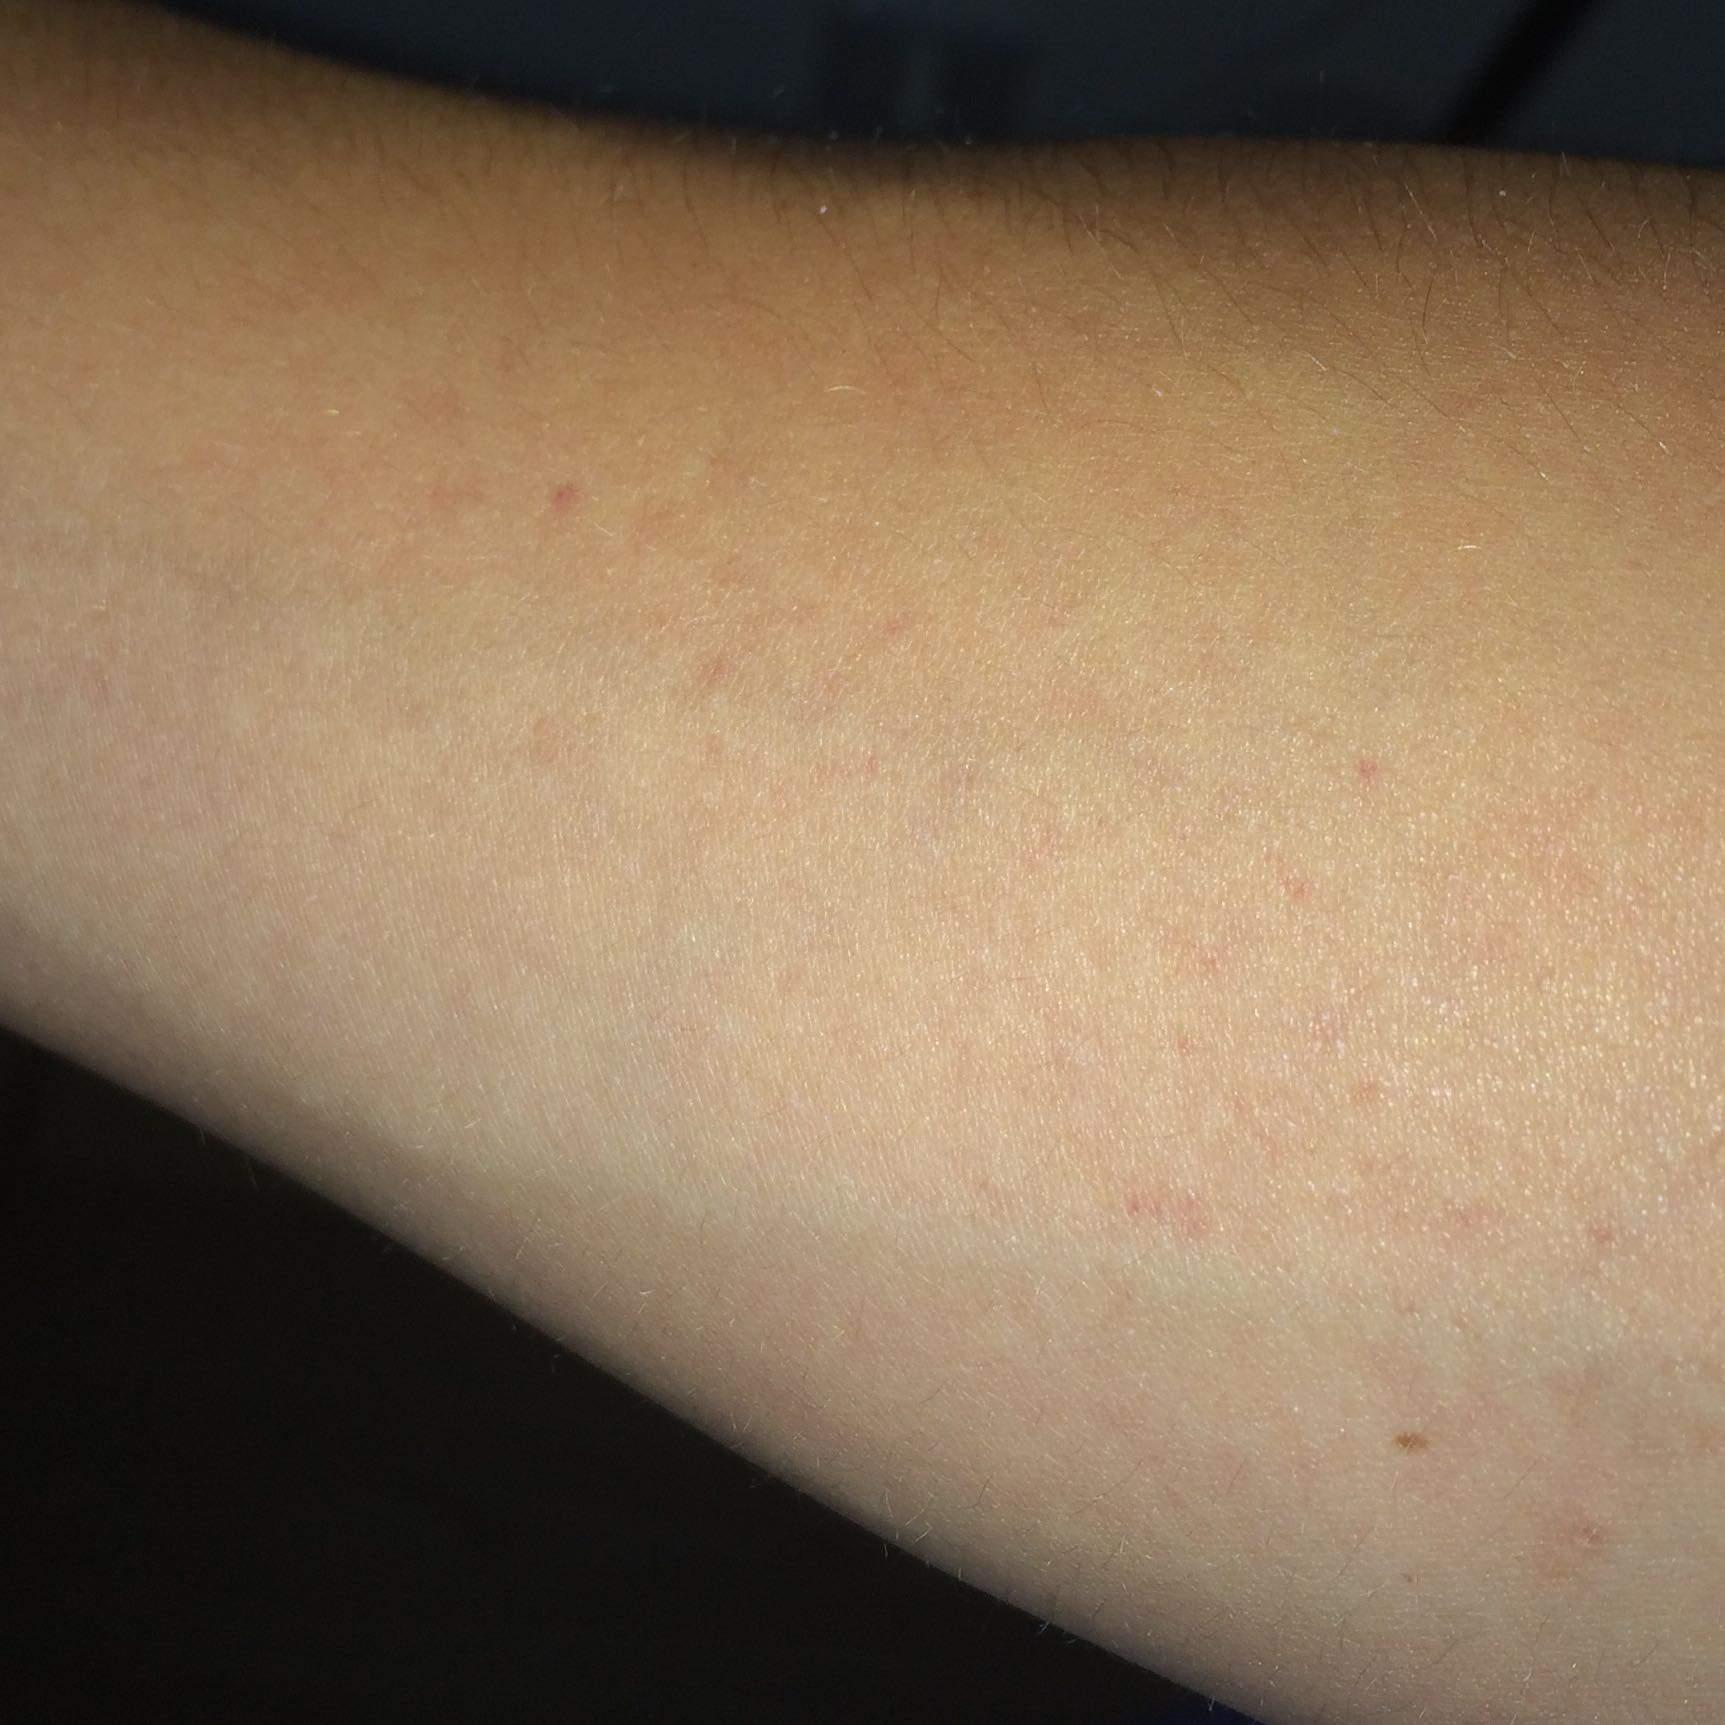 Bin ich allergisch oder habe ich einen Ausschlag? (Allergie)